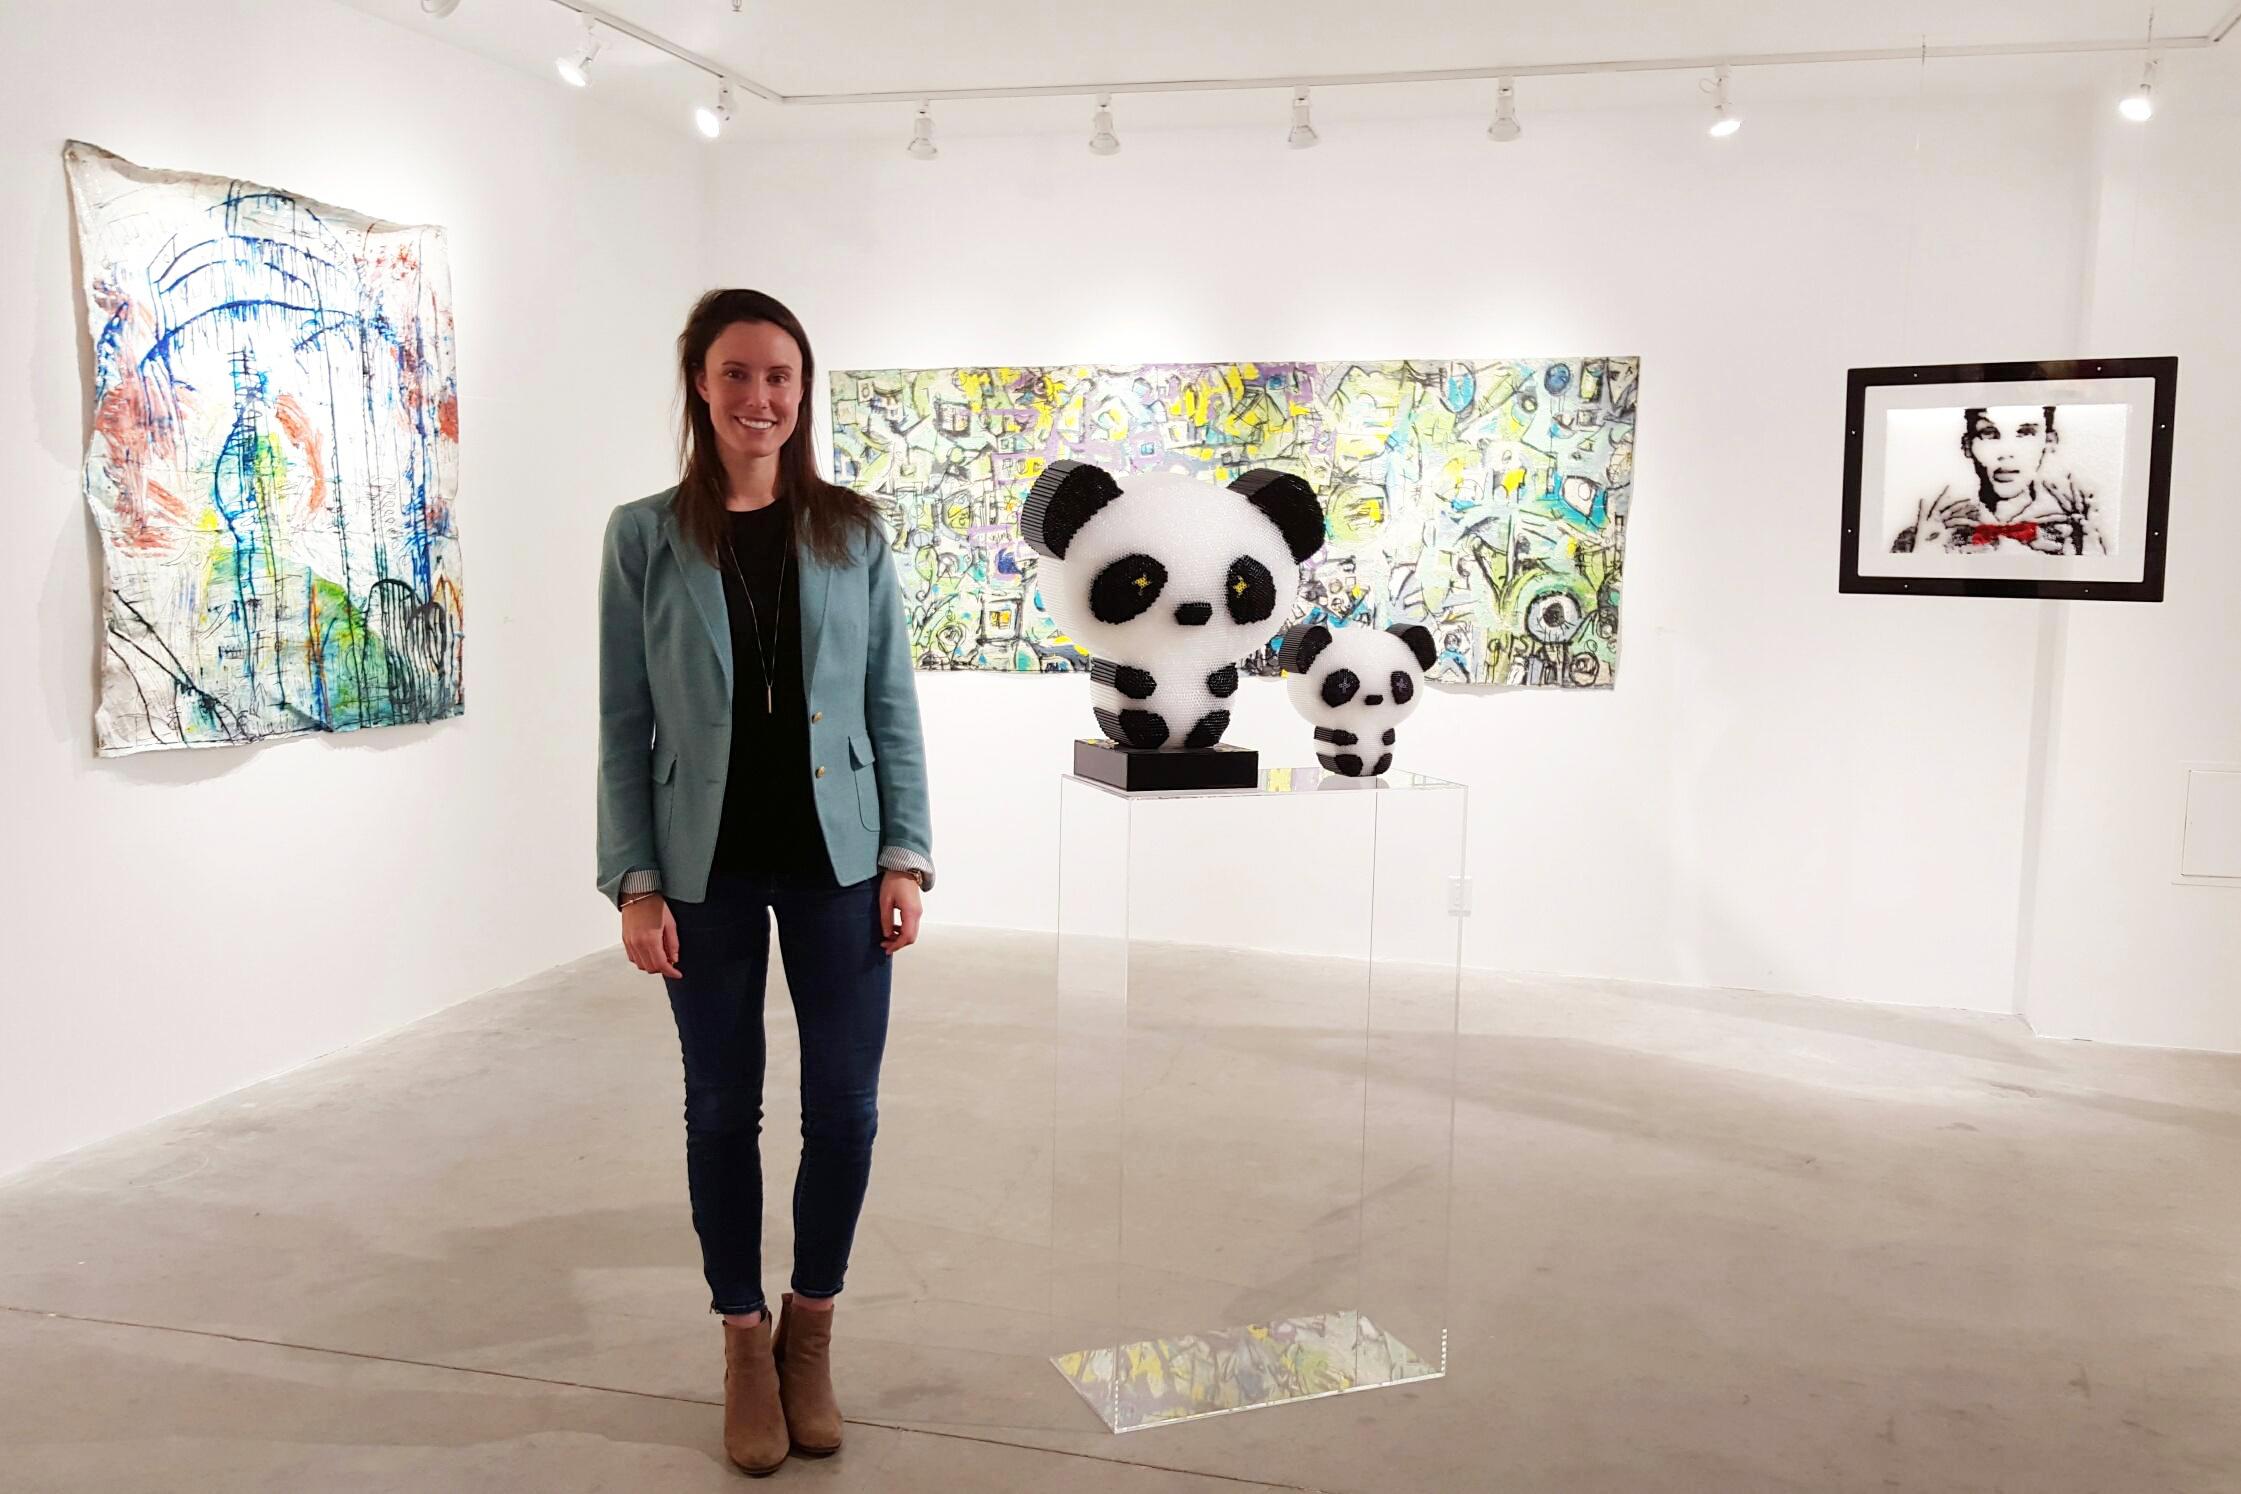 Abigail Ogilvy - Abigail Ogilvy Gallery